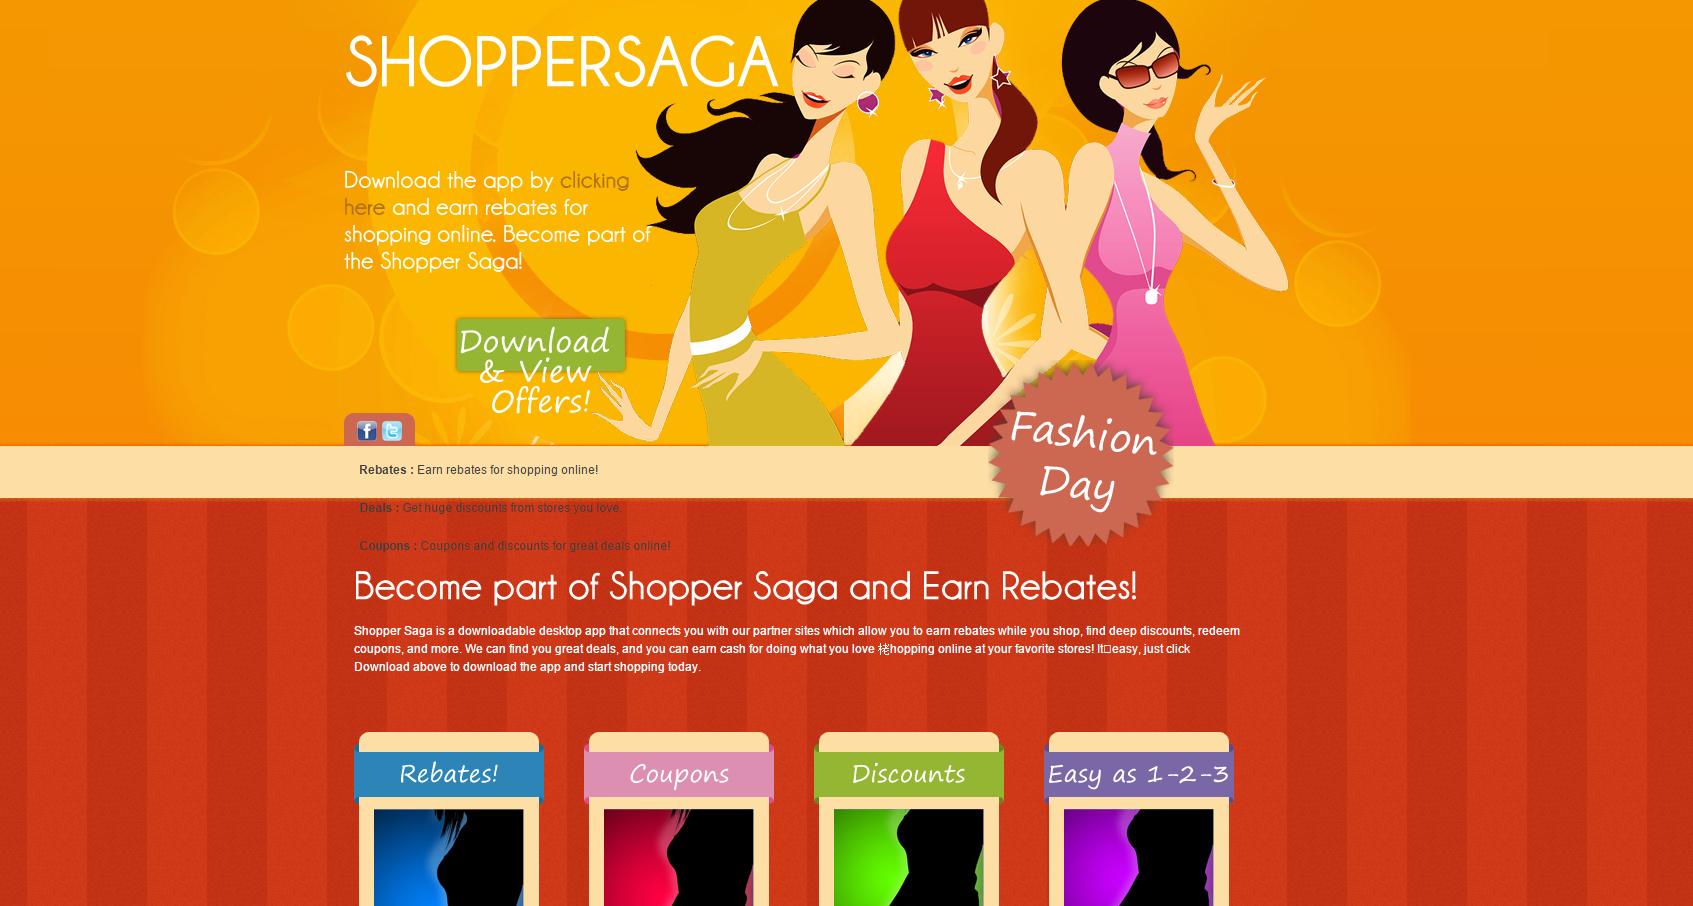 ads by ShopperSaga